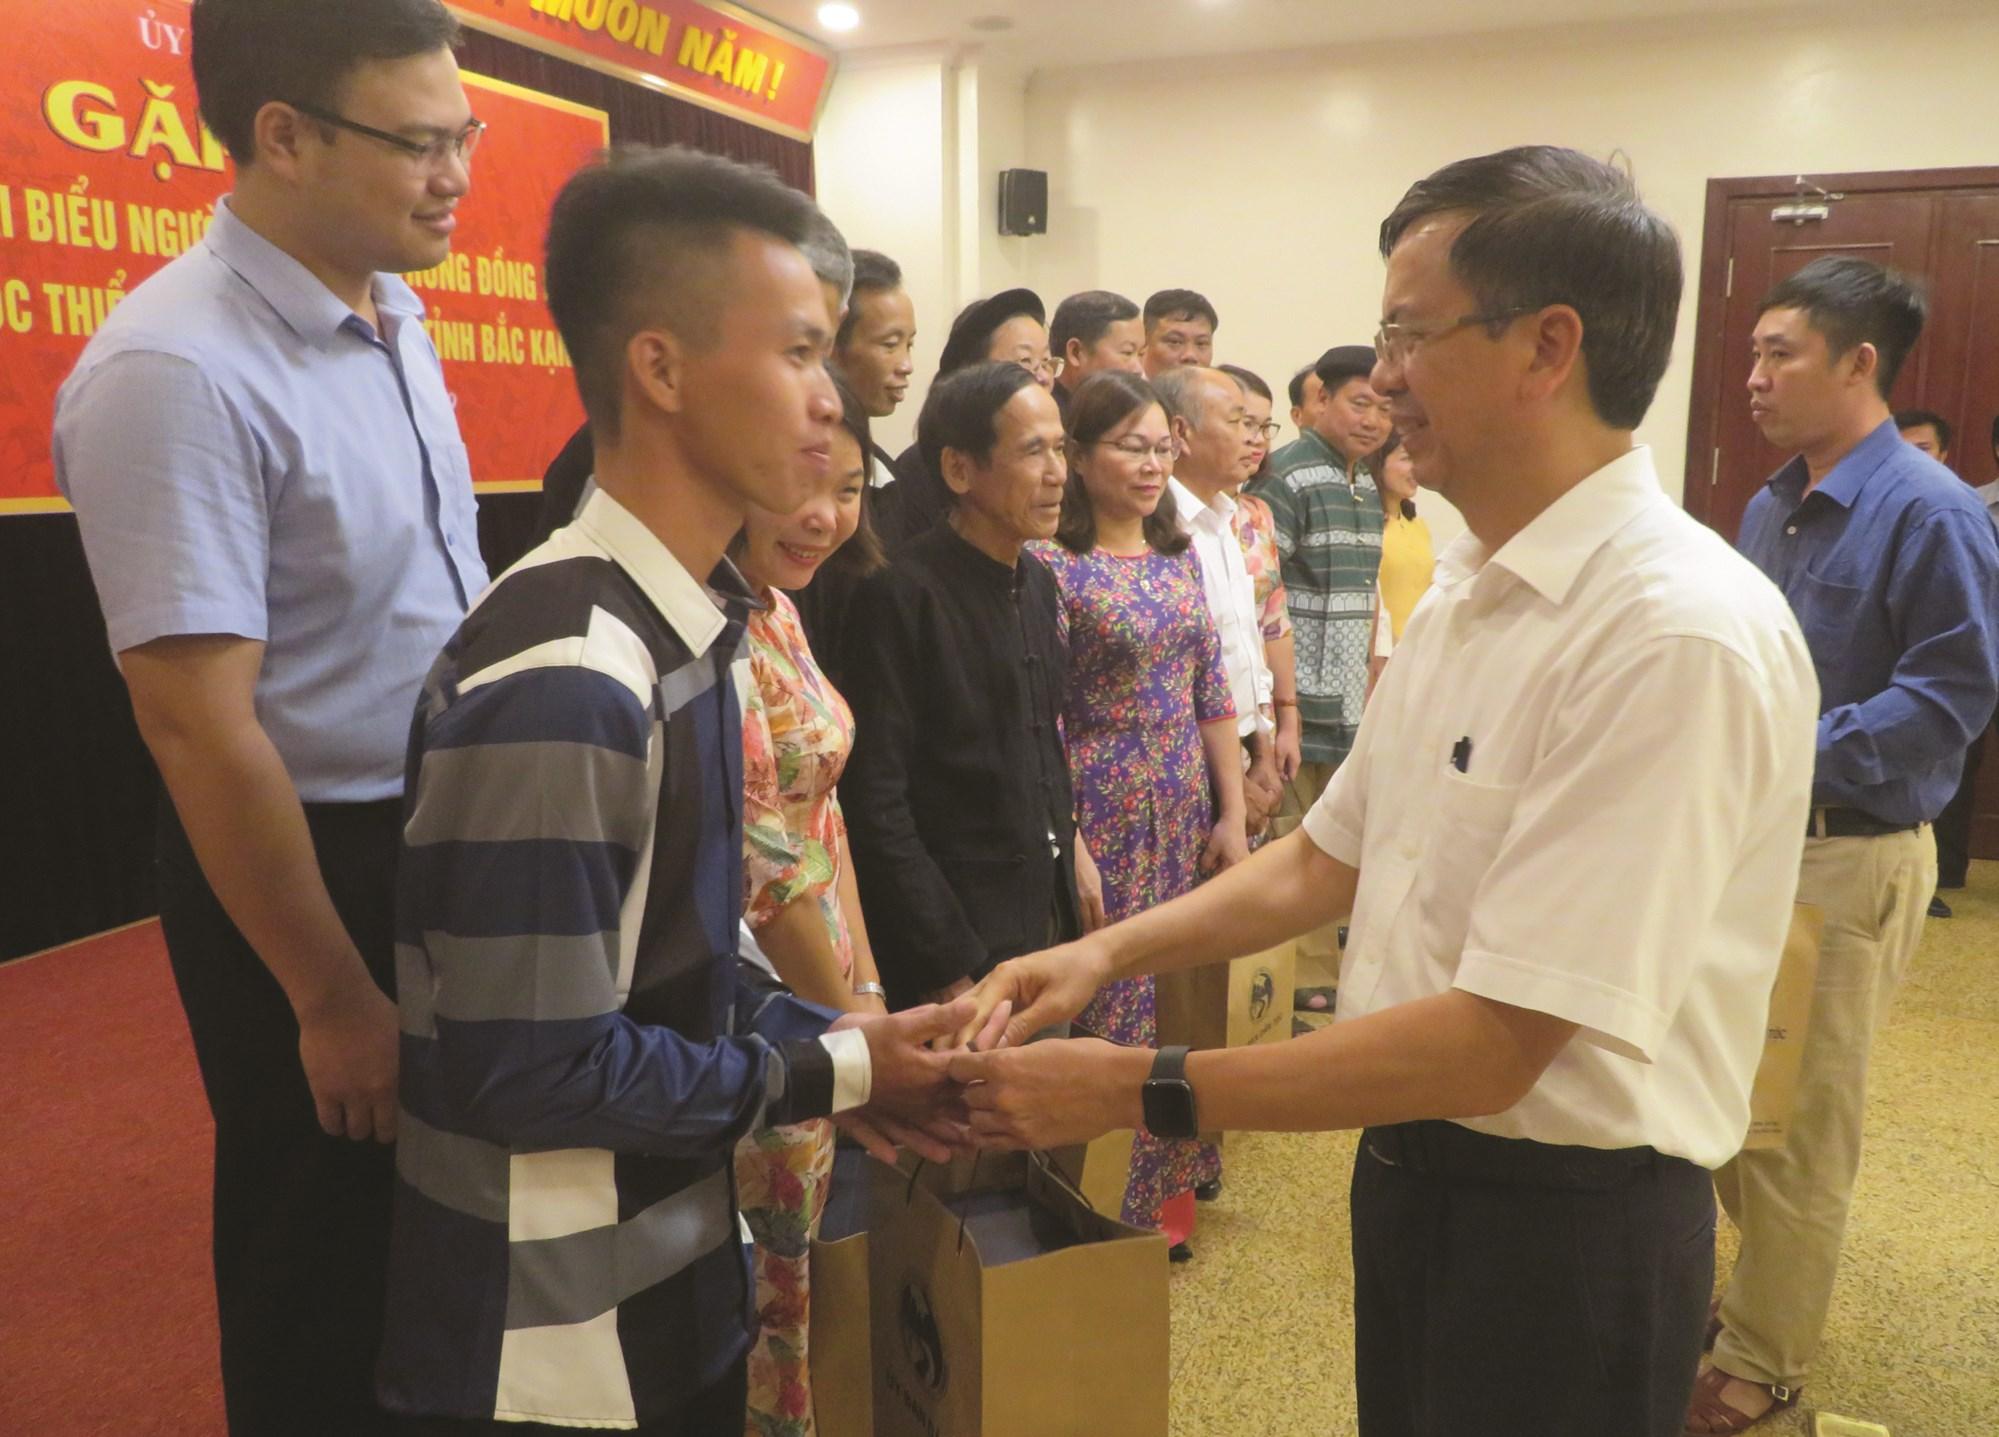 Thứ trưởng, Phó Chủ nhiệm Ủy ban Dân tộc Phan Văn Hùng tặng quà cho Trưởng thôn Giàng A Tu tại buổi gặp mặt Đoàn đại biểu Người có uy tín của huyện Ba Bể.